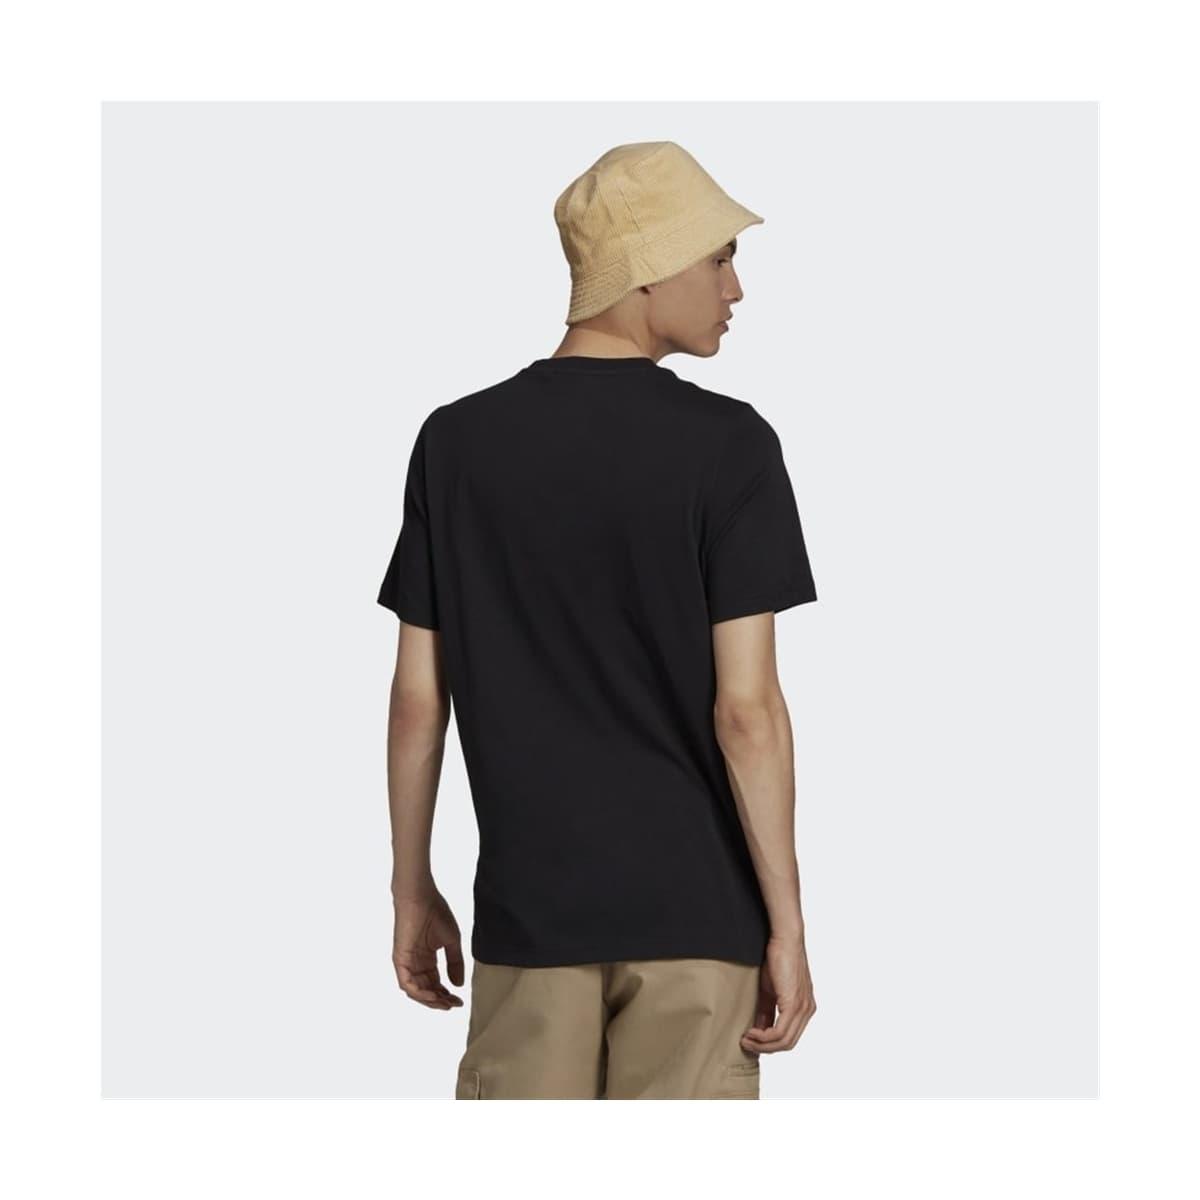 Camo Trefoil Erkek Siyah Tişört (GN1856)